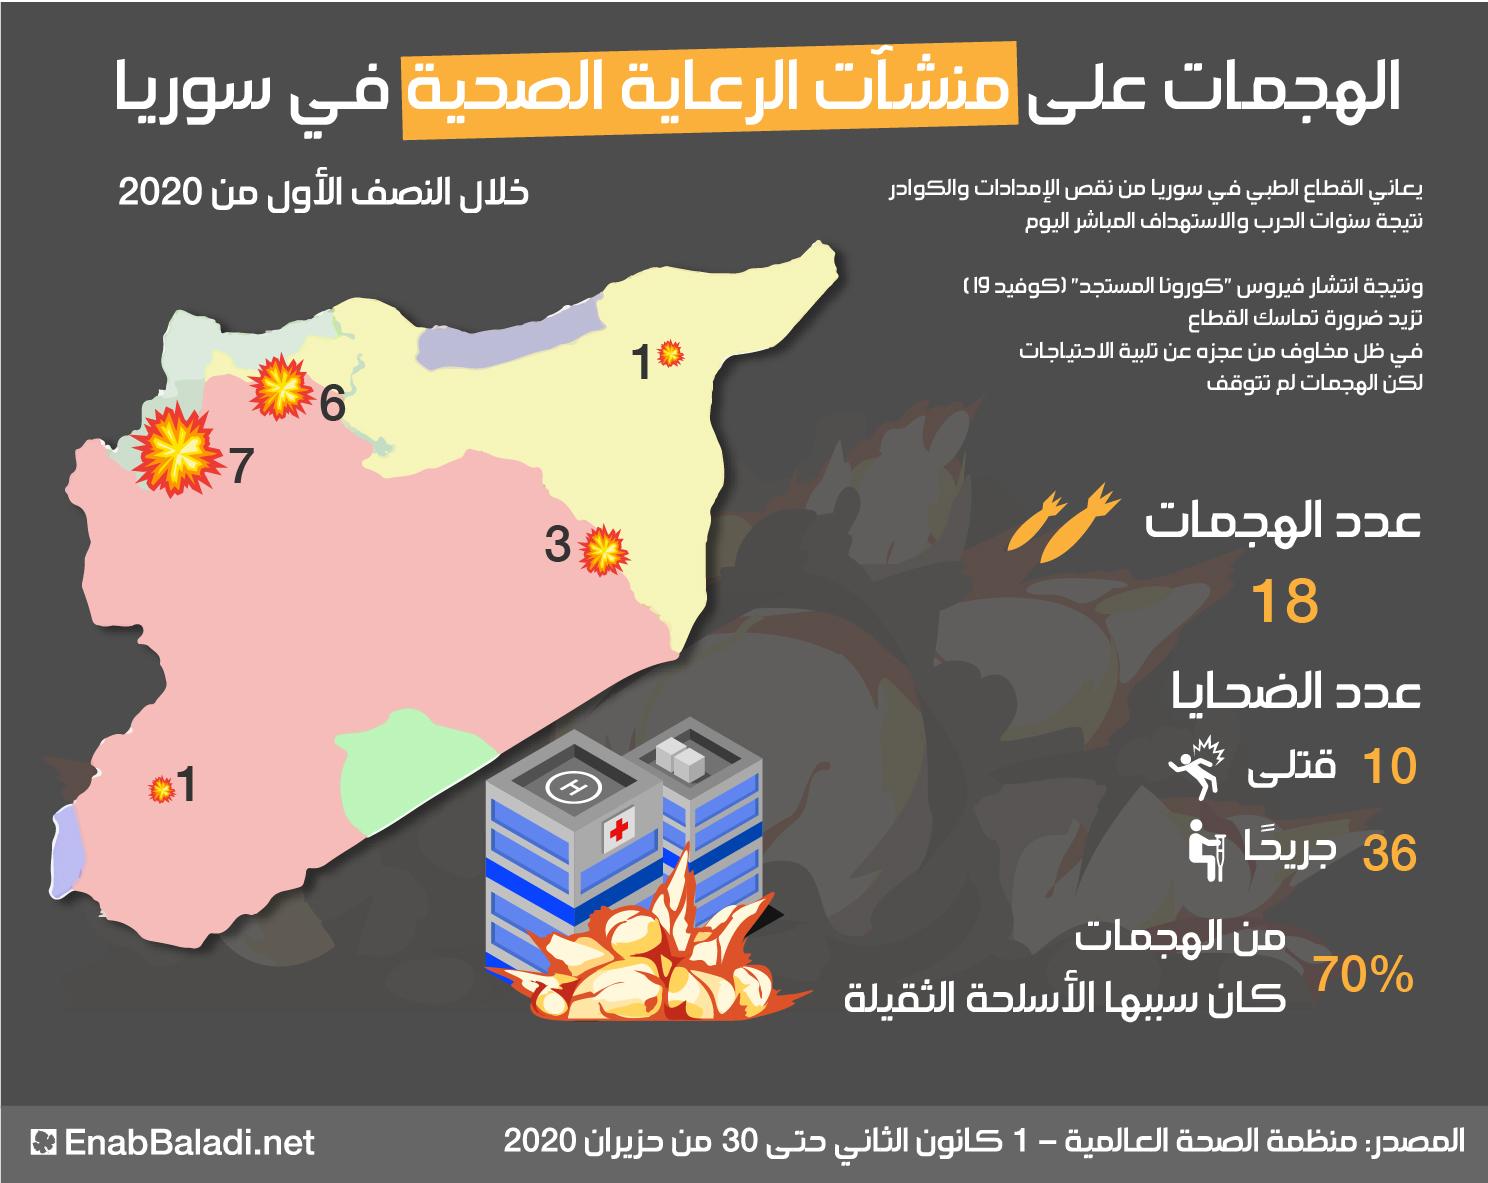 الهجمات على منشآت الرعاية الصحية في سوريا خلال النصف الأول من عام 2020 (عنب بلدي)